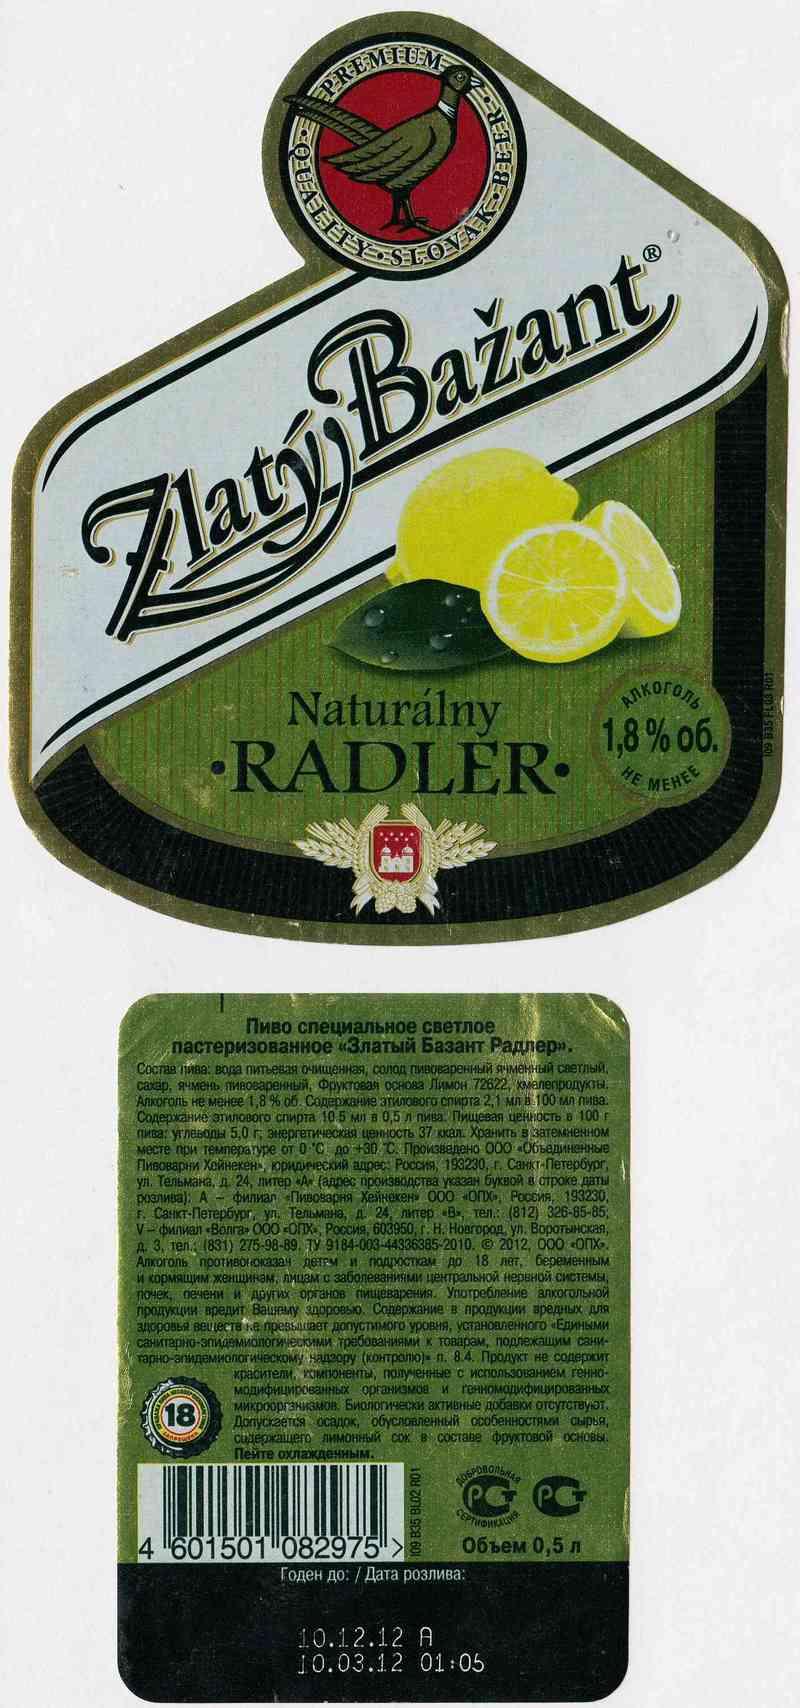 Новое пиво zlaty bazant naturalny radler вышло на российский рынок